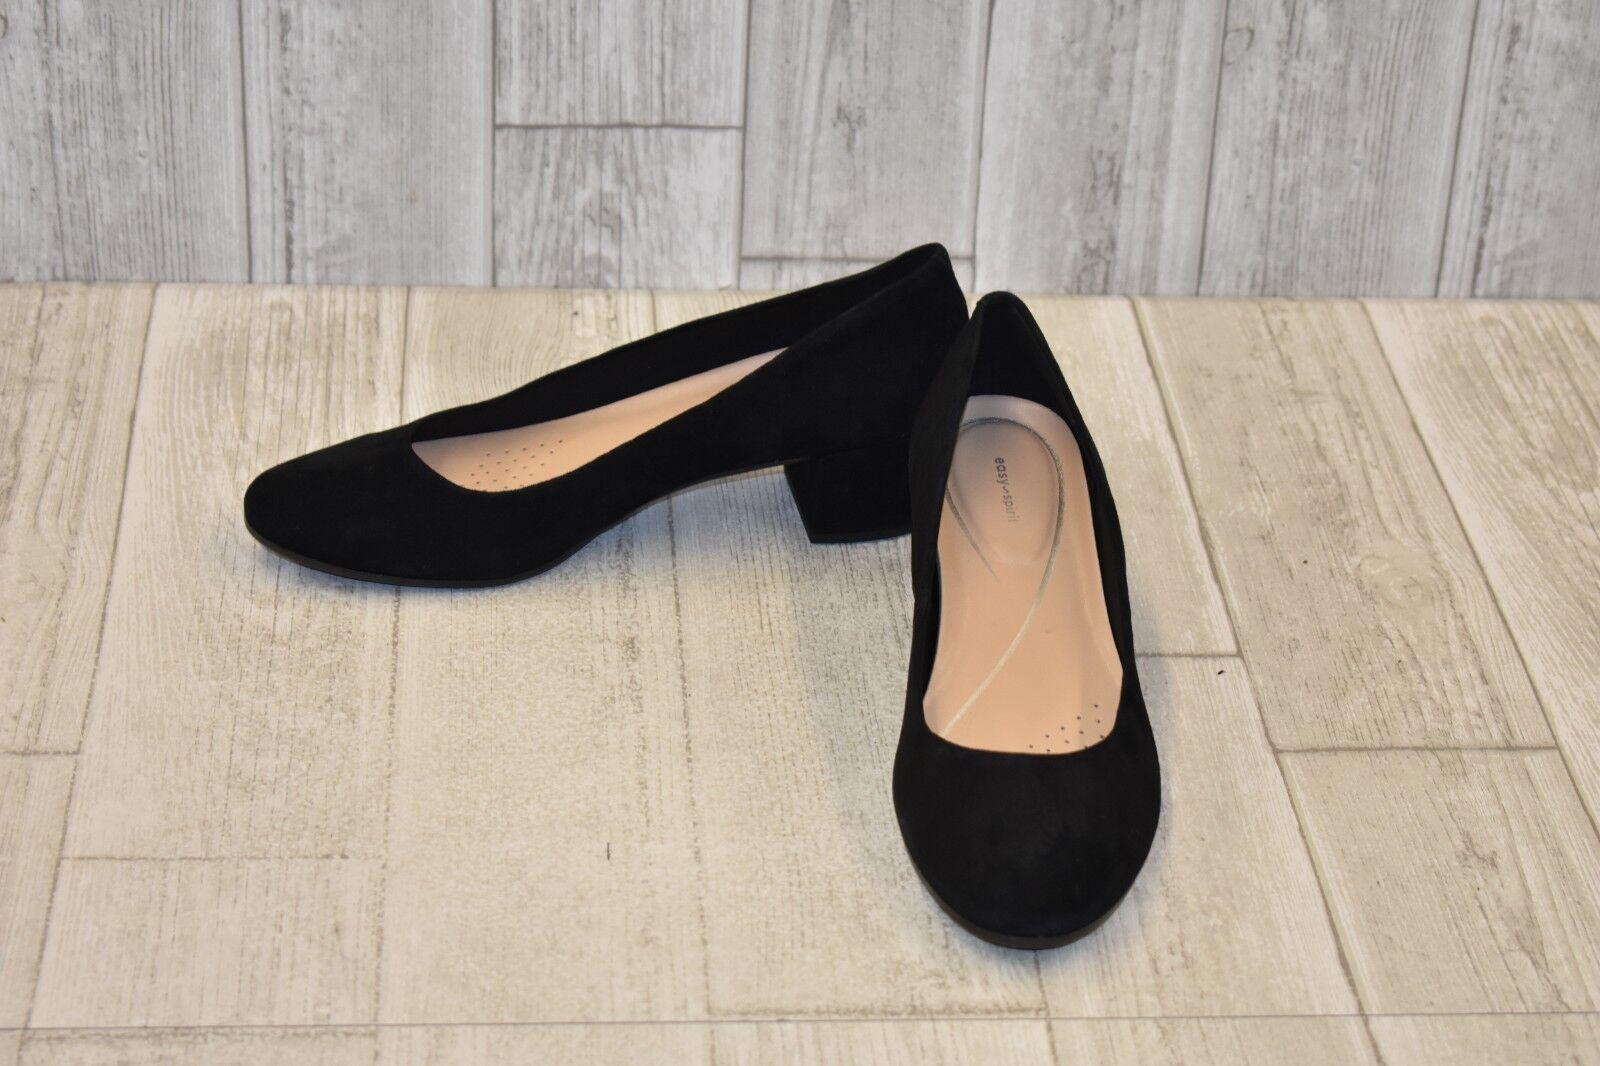 Easy Spirit Ailene Pumps - Women's Size 10M - Black